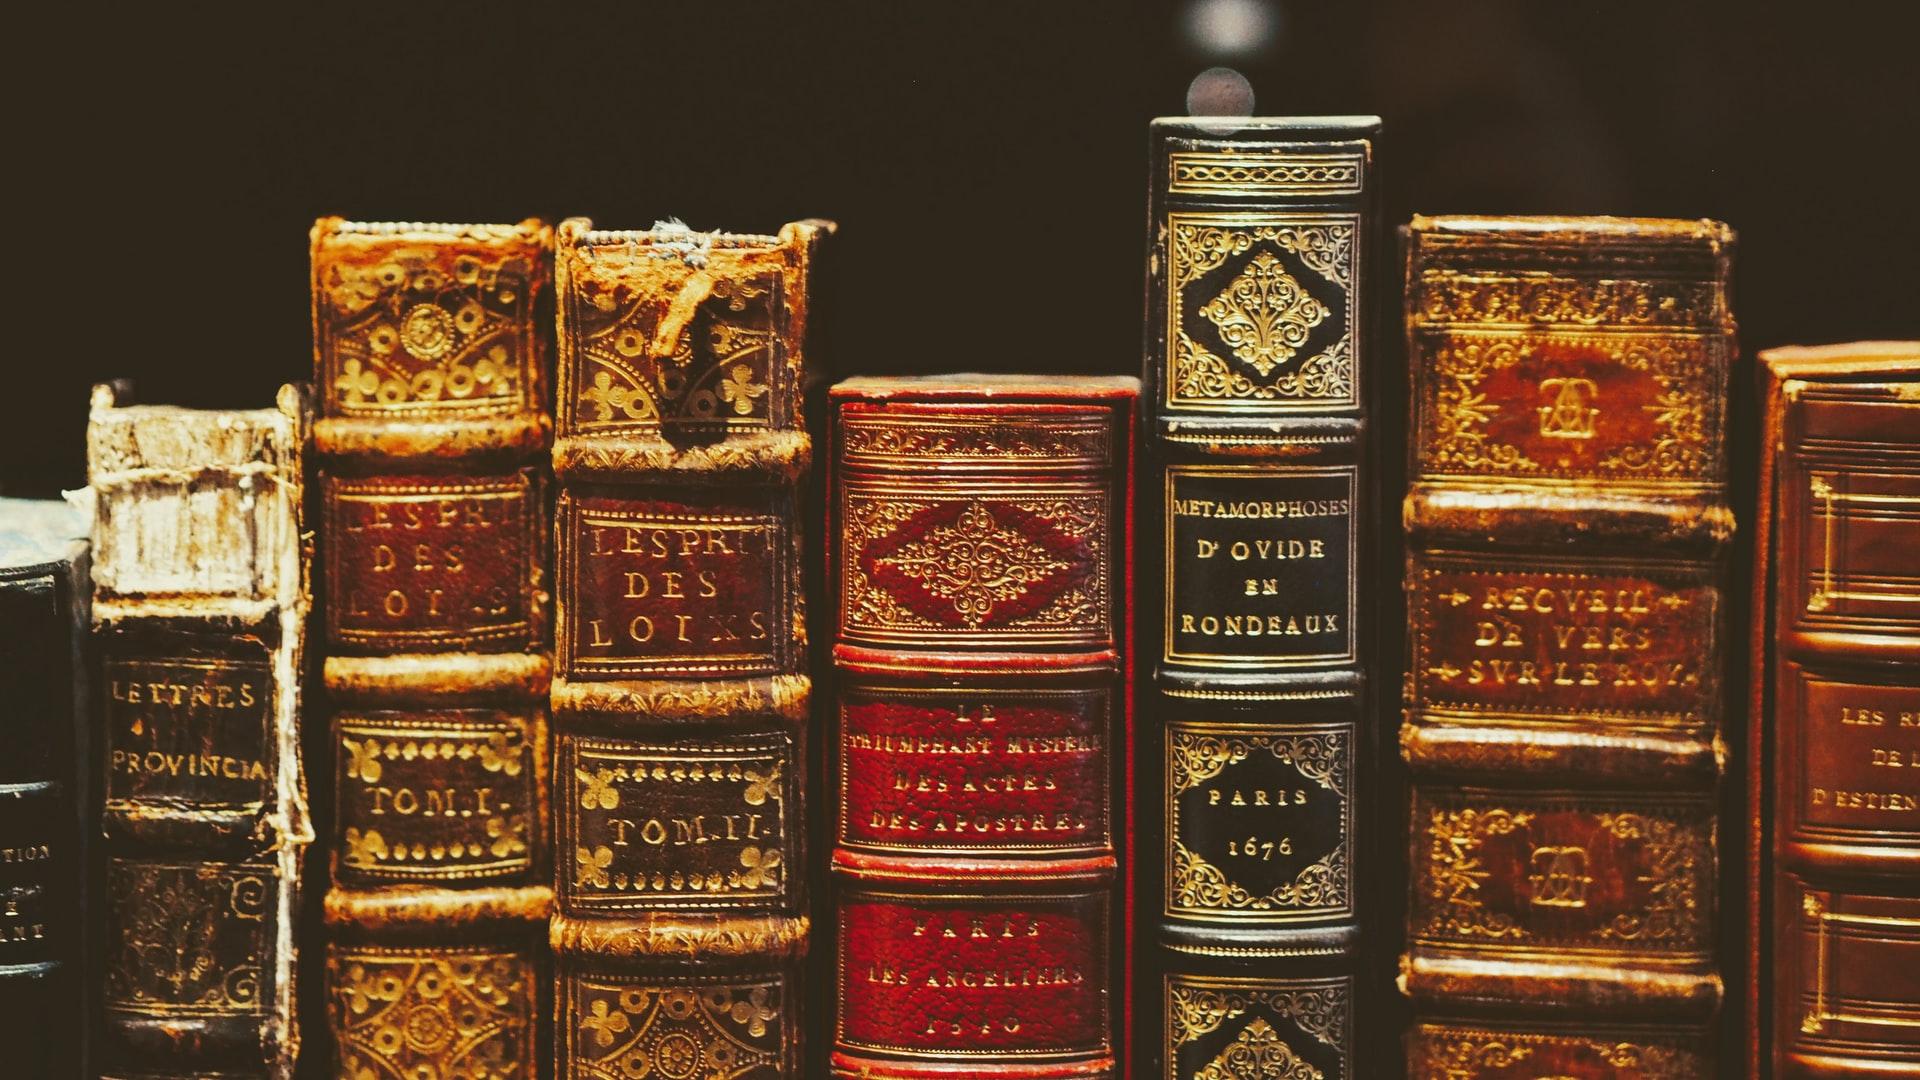 古い書籍(歴史のイメージ)